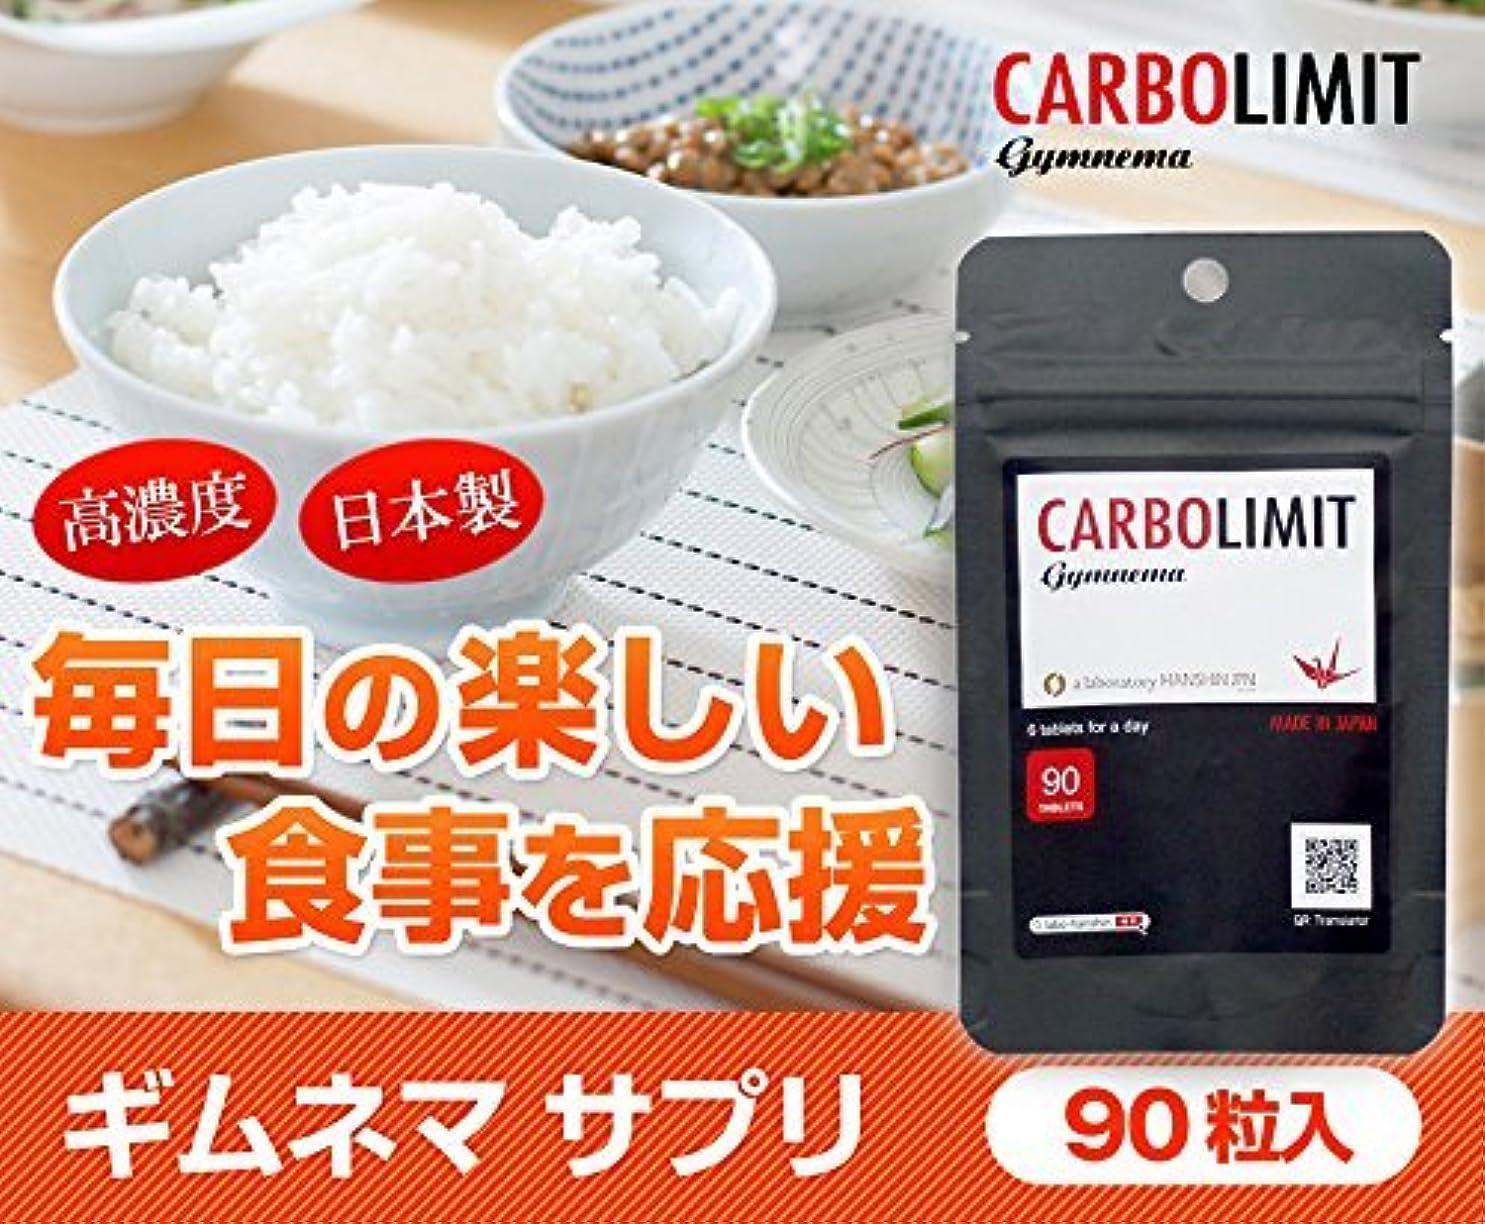 共役近くスポークスマン糖質制限 ギムネマ サプリ CARBO LIMIT 日本製 高濃度 3倍濃縮 ギムネマシルベスタ 配合 90粒 約30日分 なかったことに